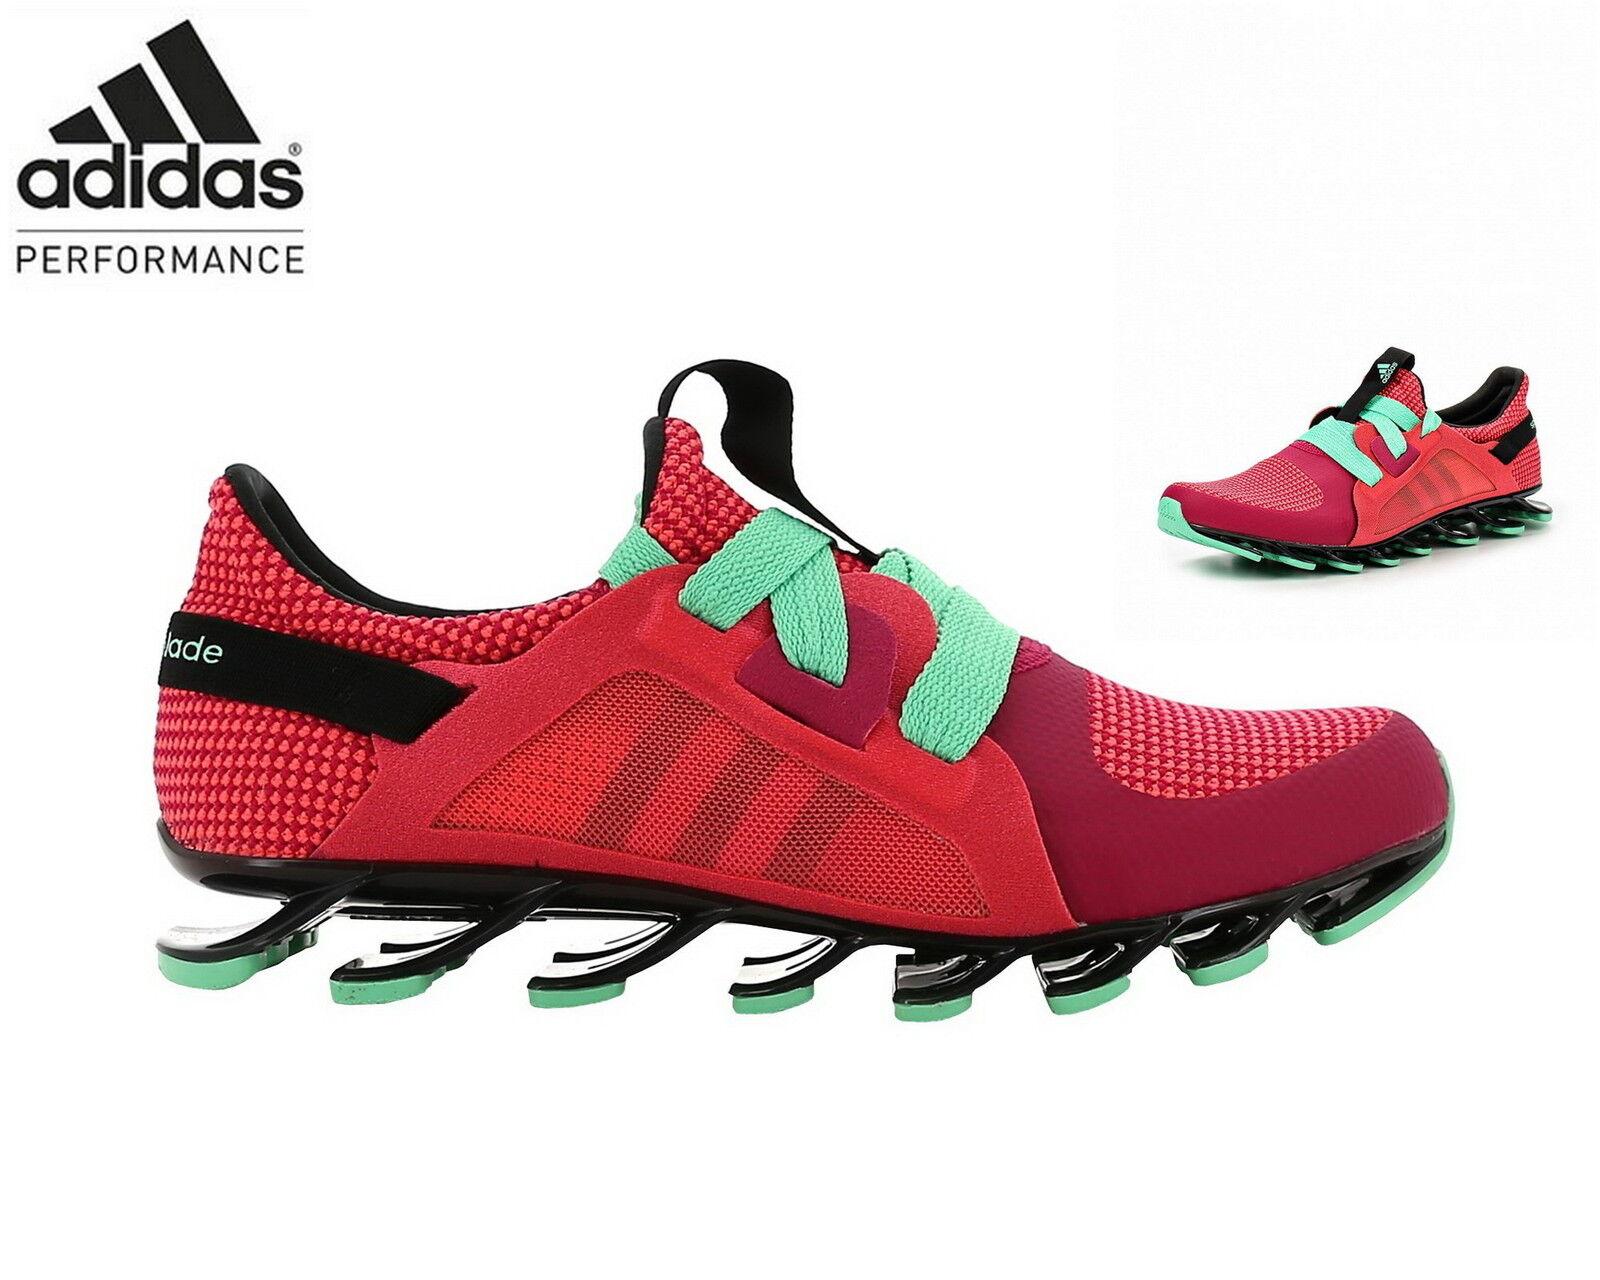 Adidas springblade Nanaya señora zapatillas Training cortos aq5247 Bold rojo Blac